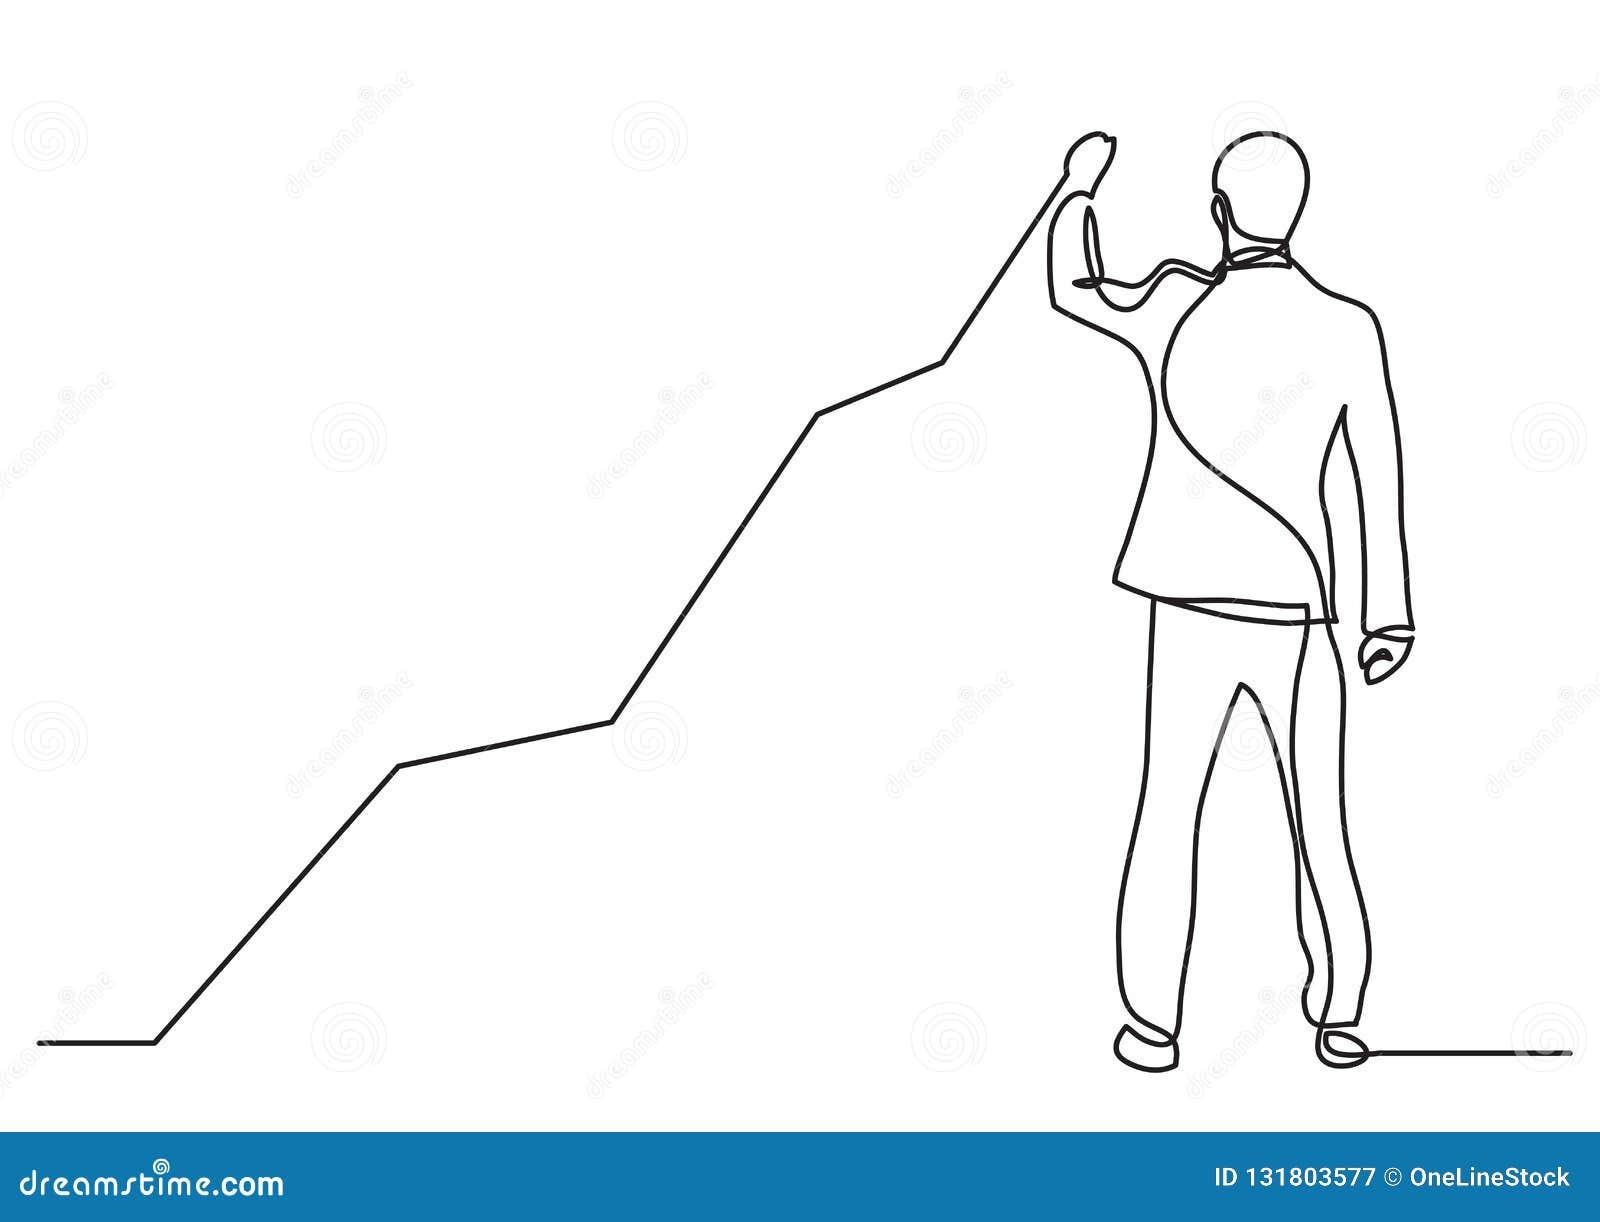 Disegno a tratteggio continuo della situazione aziendale - diagramma in aumento stante del disegno dell uomo d affari